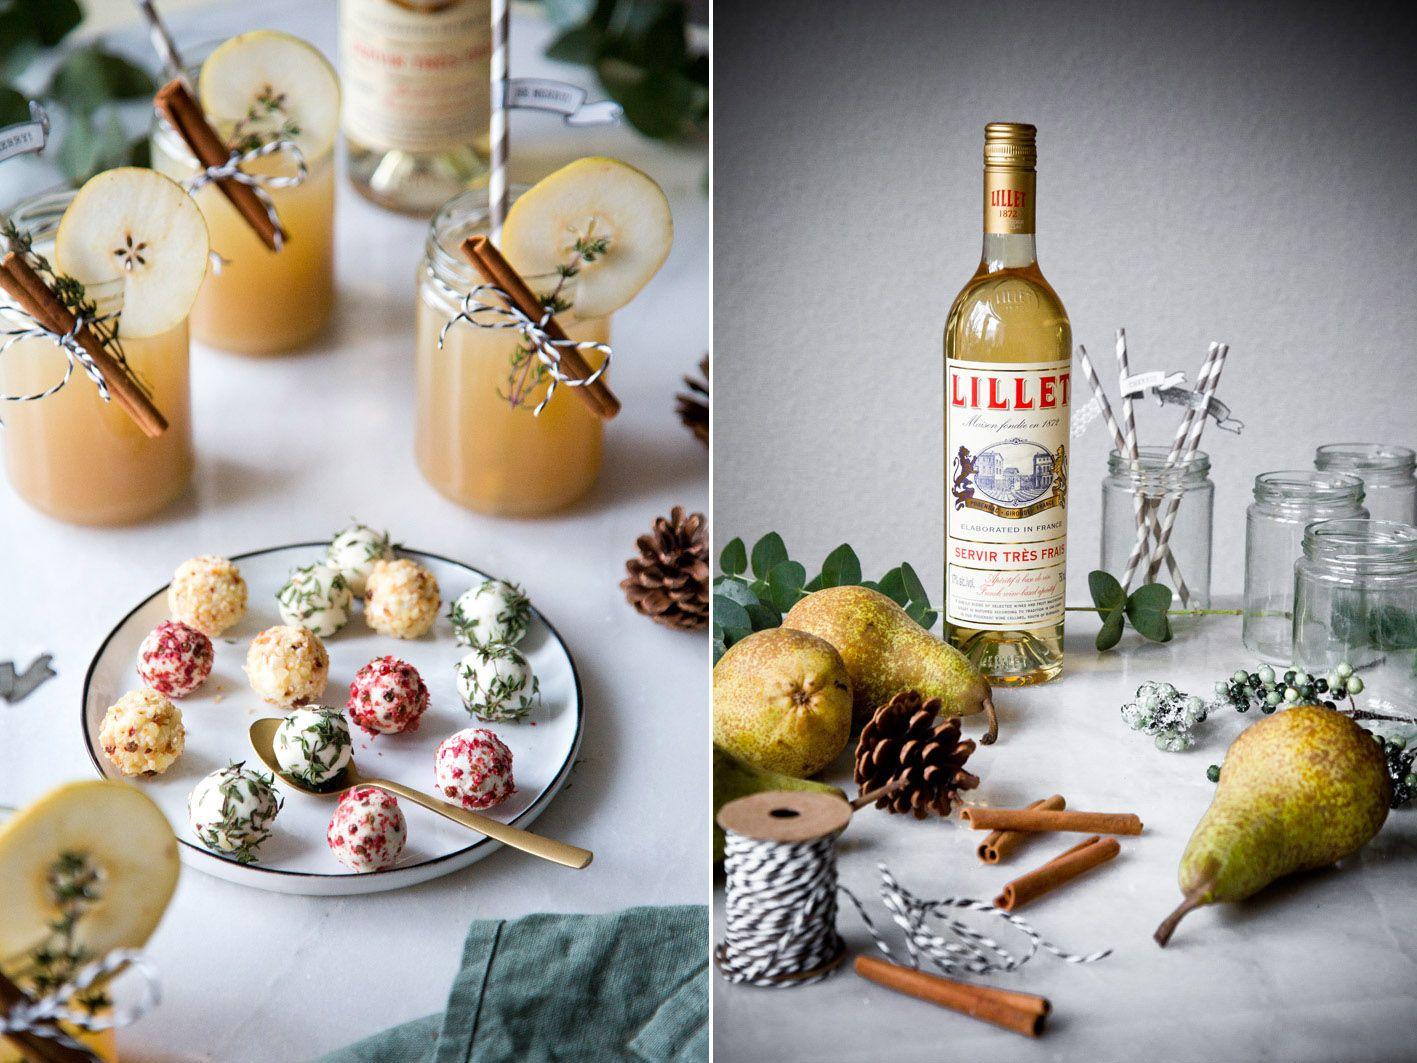 Der perfekte Weihnachts-Drink: Lillet Winter Thyme. #drinks